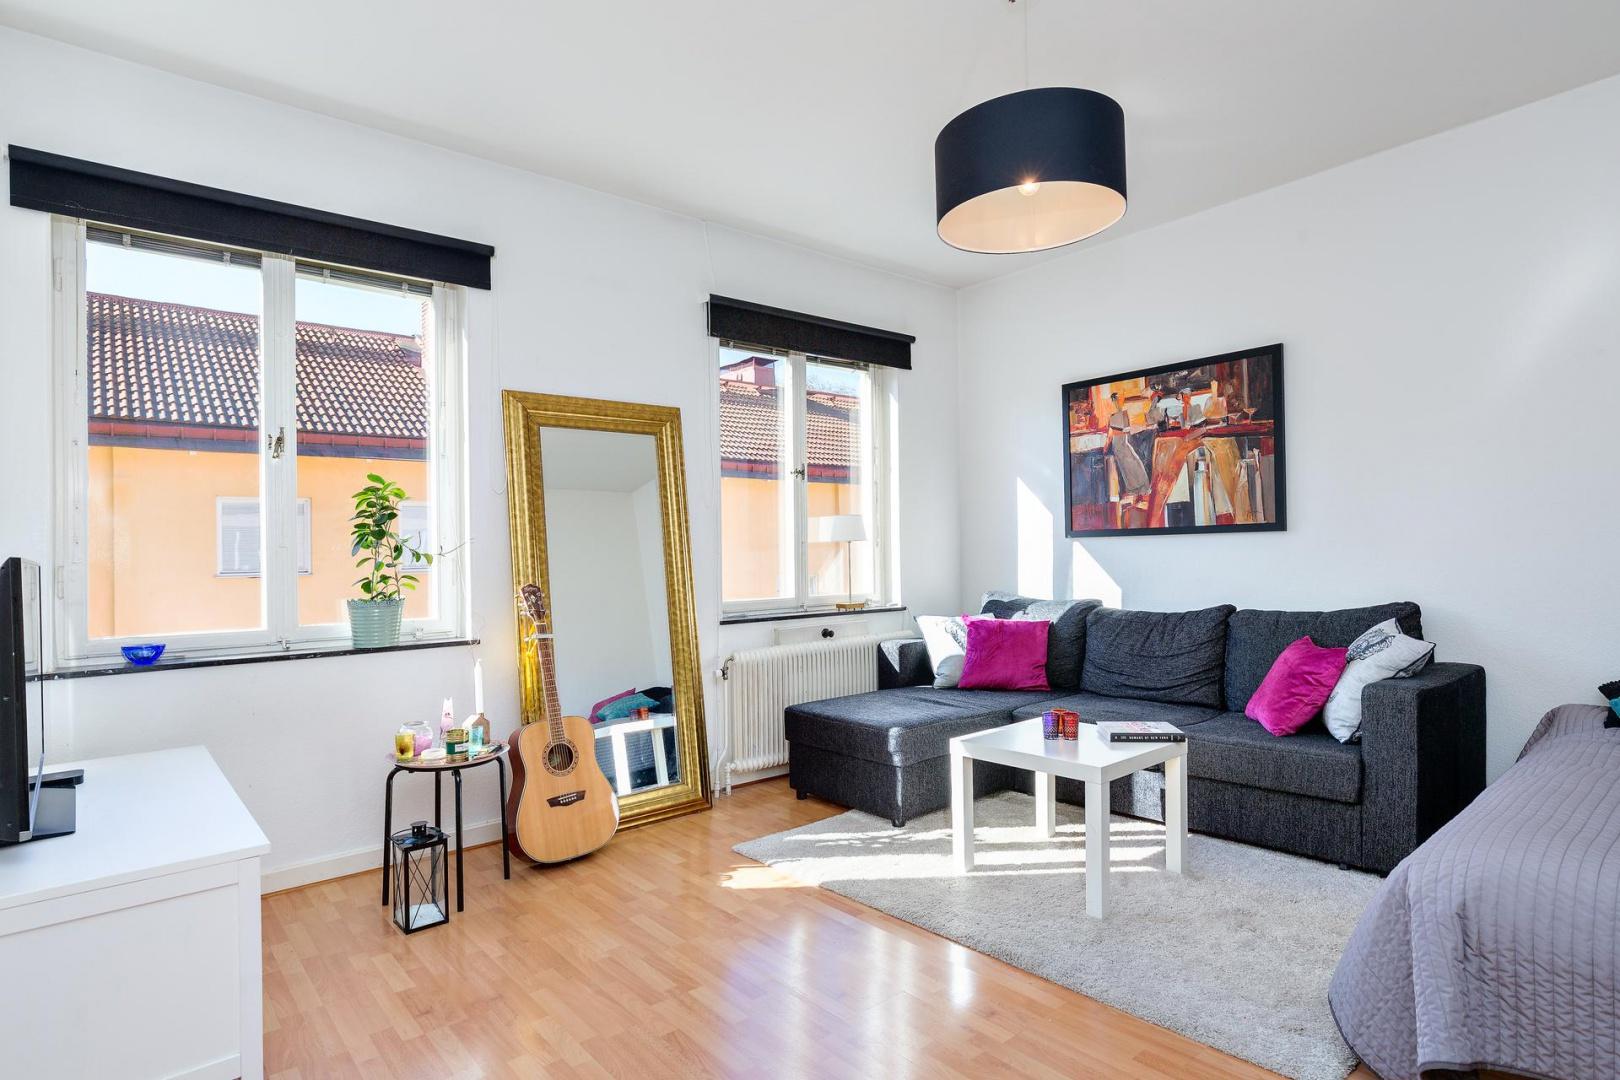 W salonie połączonym z sypialnią panuje mieszanka różnych stylów. Fot. Svenksfast.se